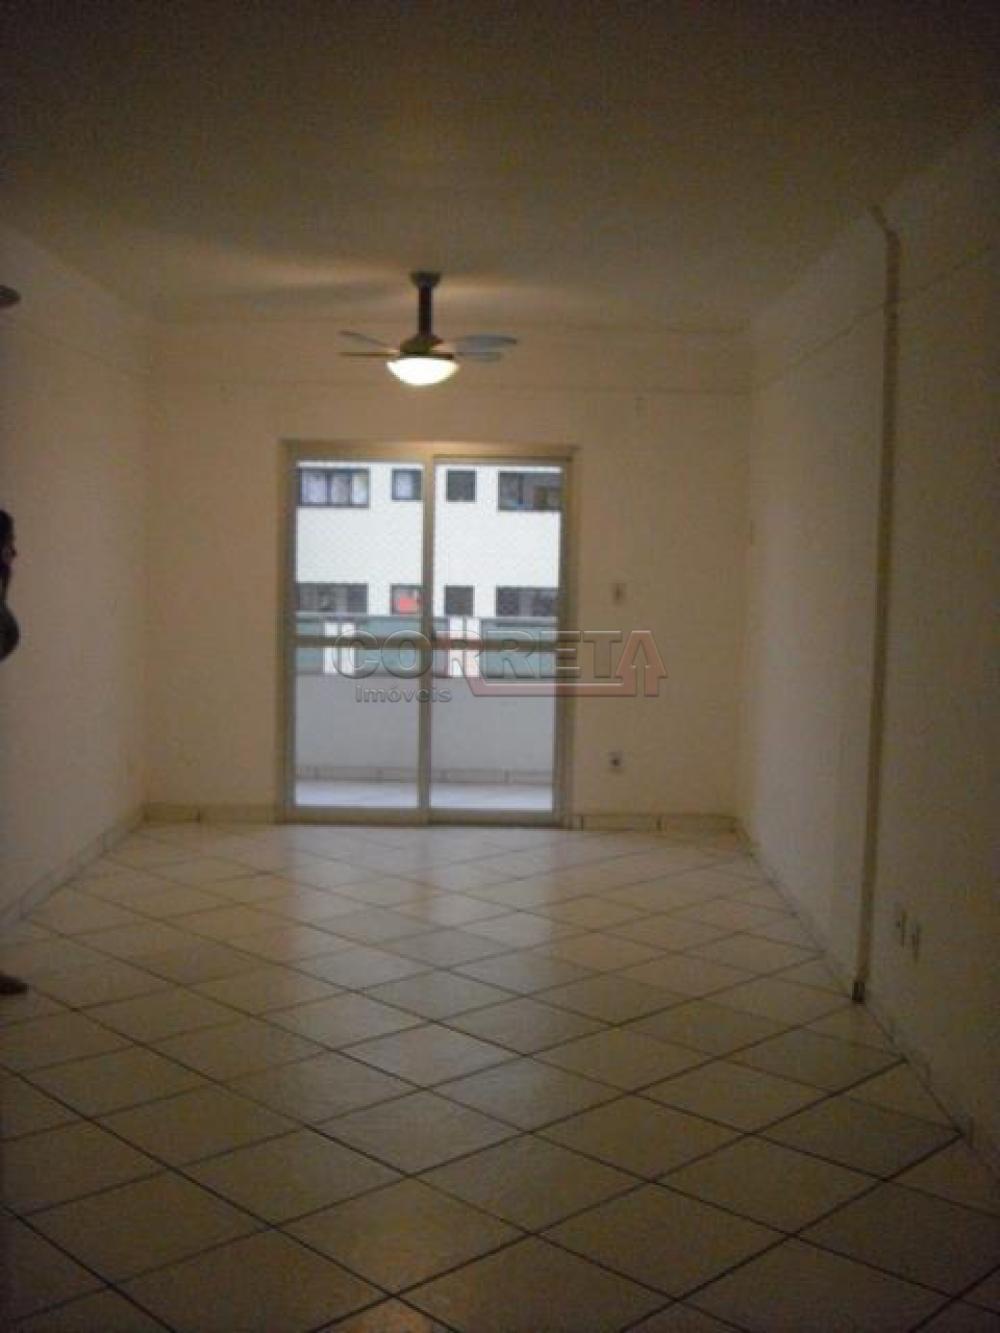 Comprar Apartamento / Padrão em Araçatuba apenas R$ 300.000,00 - Foto 1